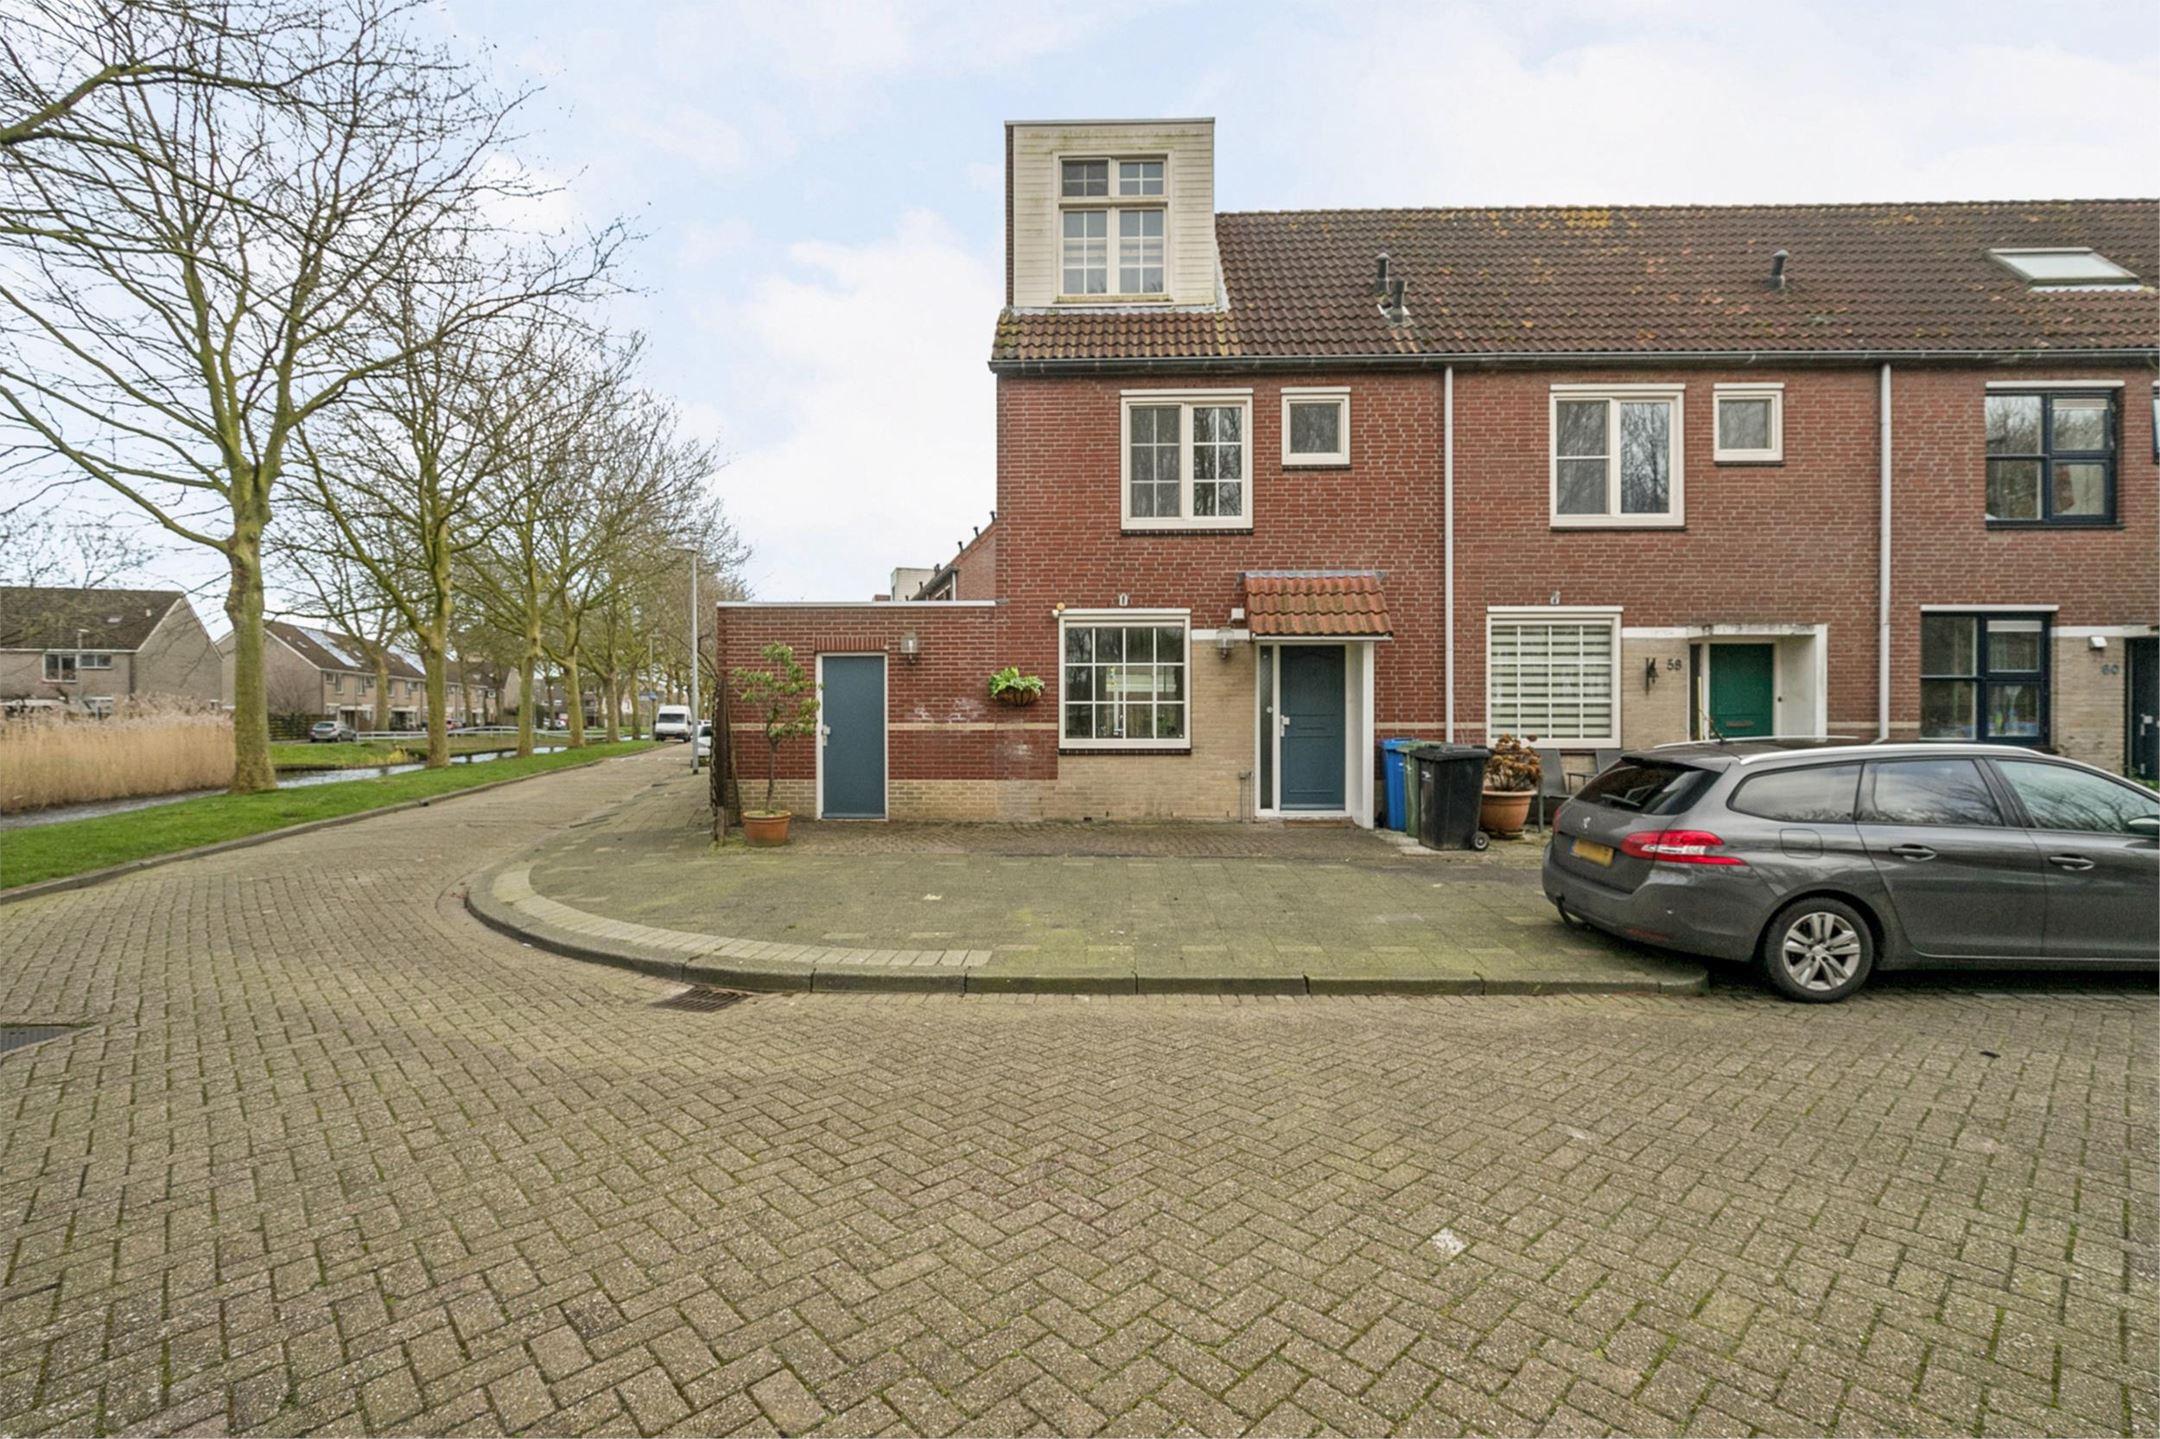 Op een bijzonder rustig en groen stukje in Zevenkamp te Rotterdam ligt deze leuke, ruime en zeer goed onderhouden 5 kamer Hoek-eengezinswoning met zij uitbouw en serre.